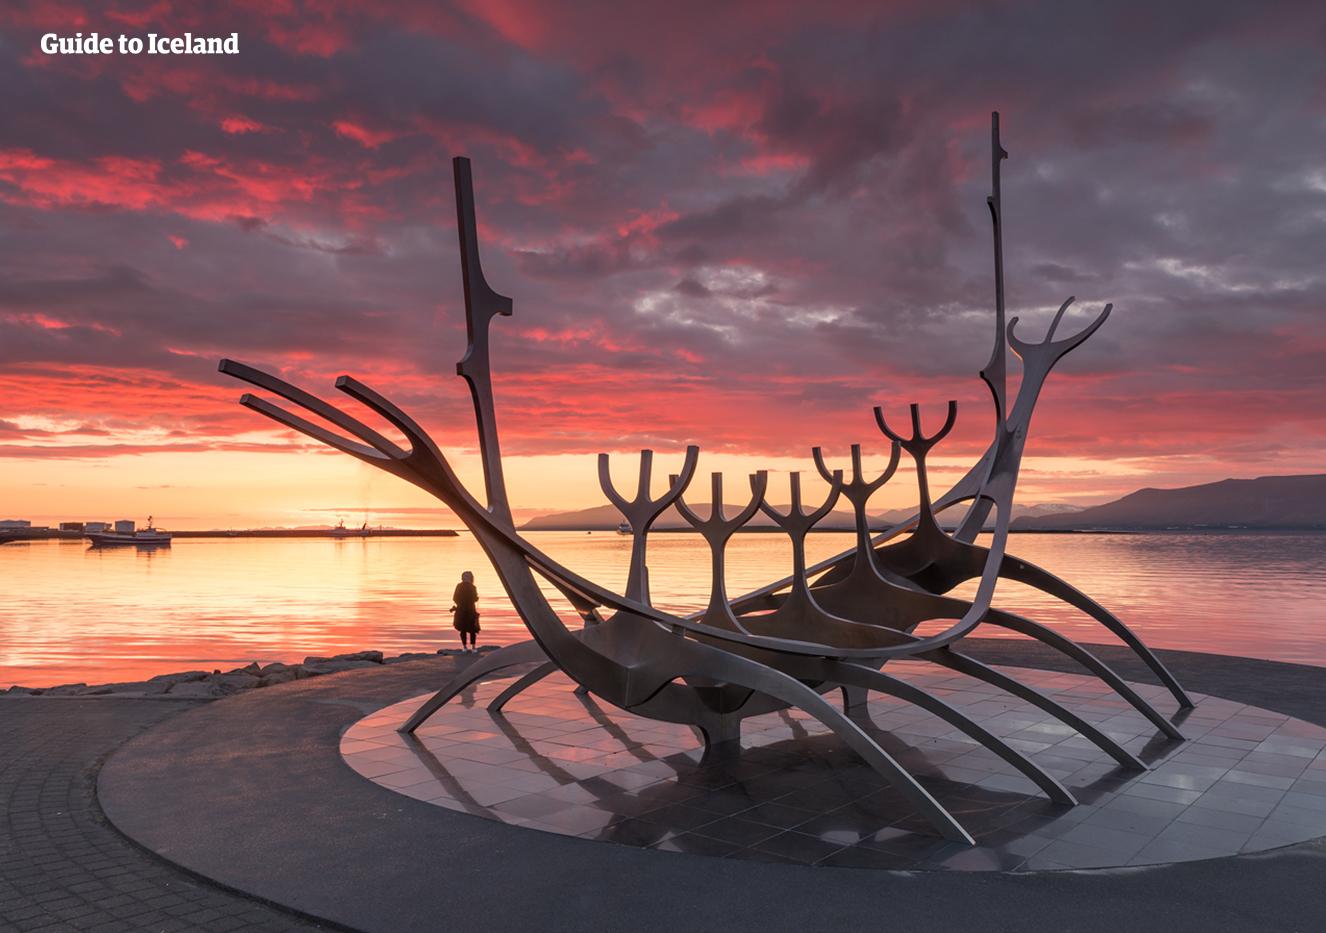 9 dni, samodzielna podróż | Dookoła Islandii zgodnie z ruchem wskazówek zegara - day 9